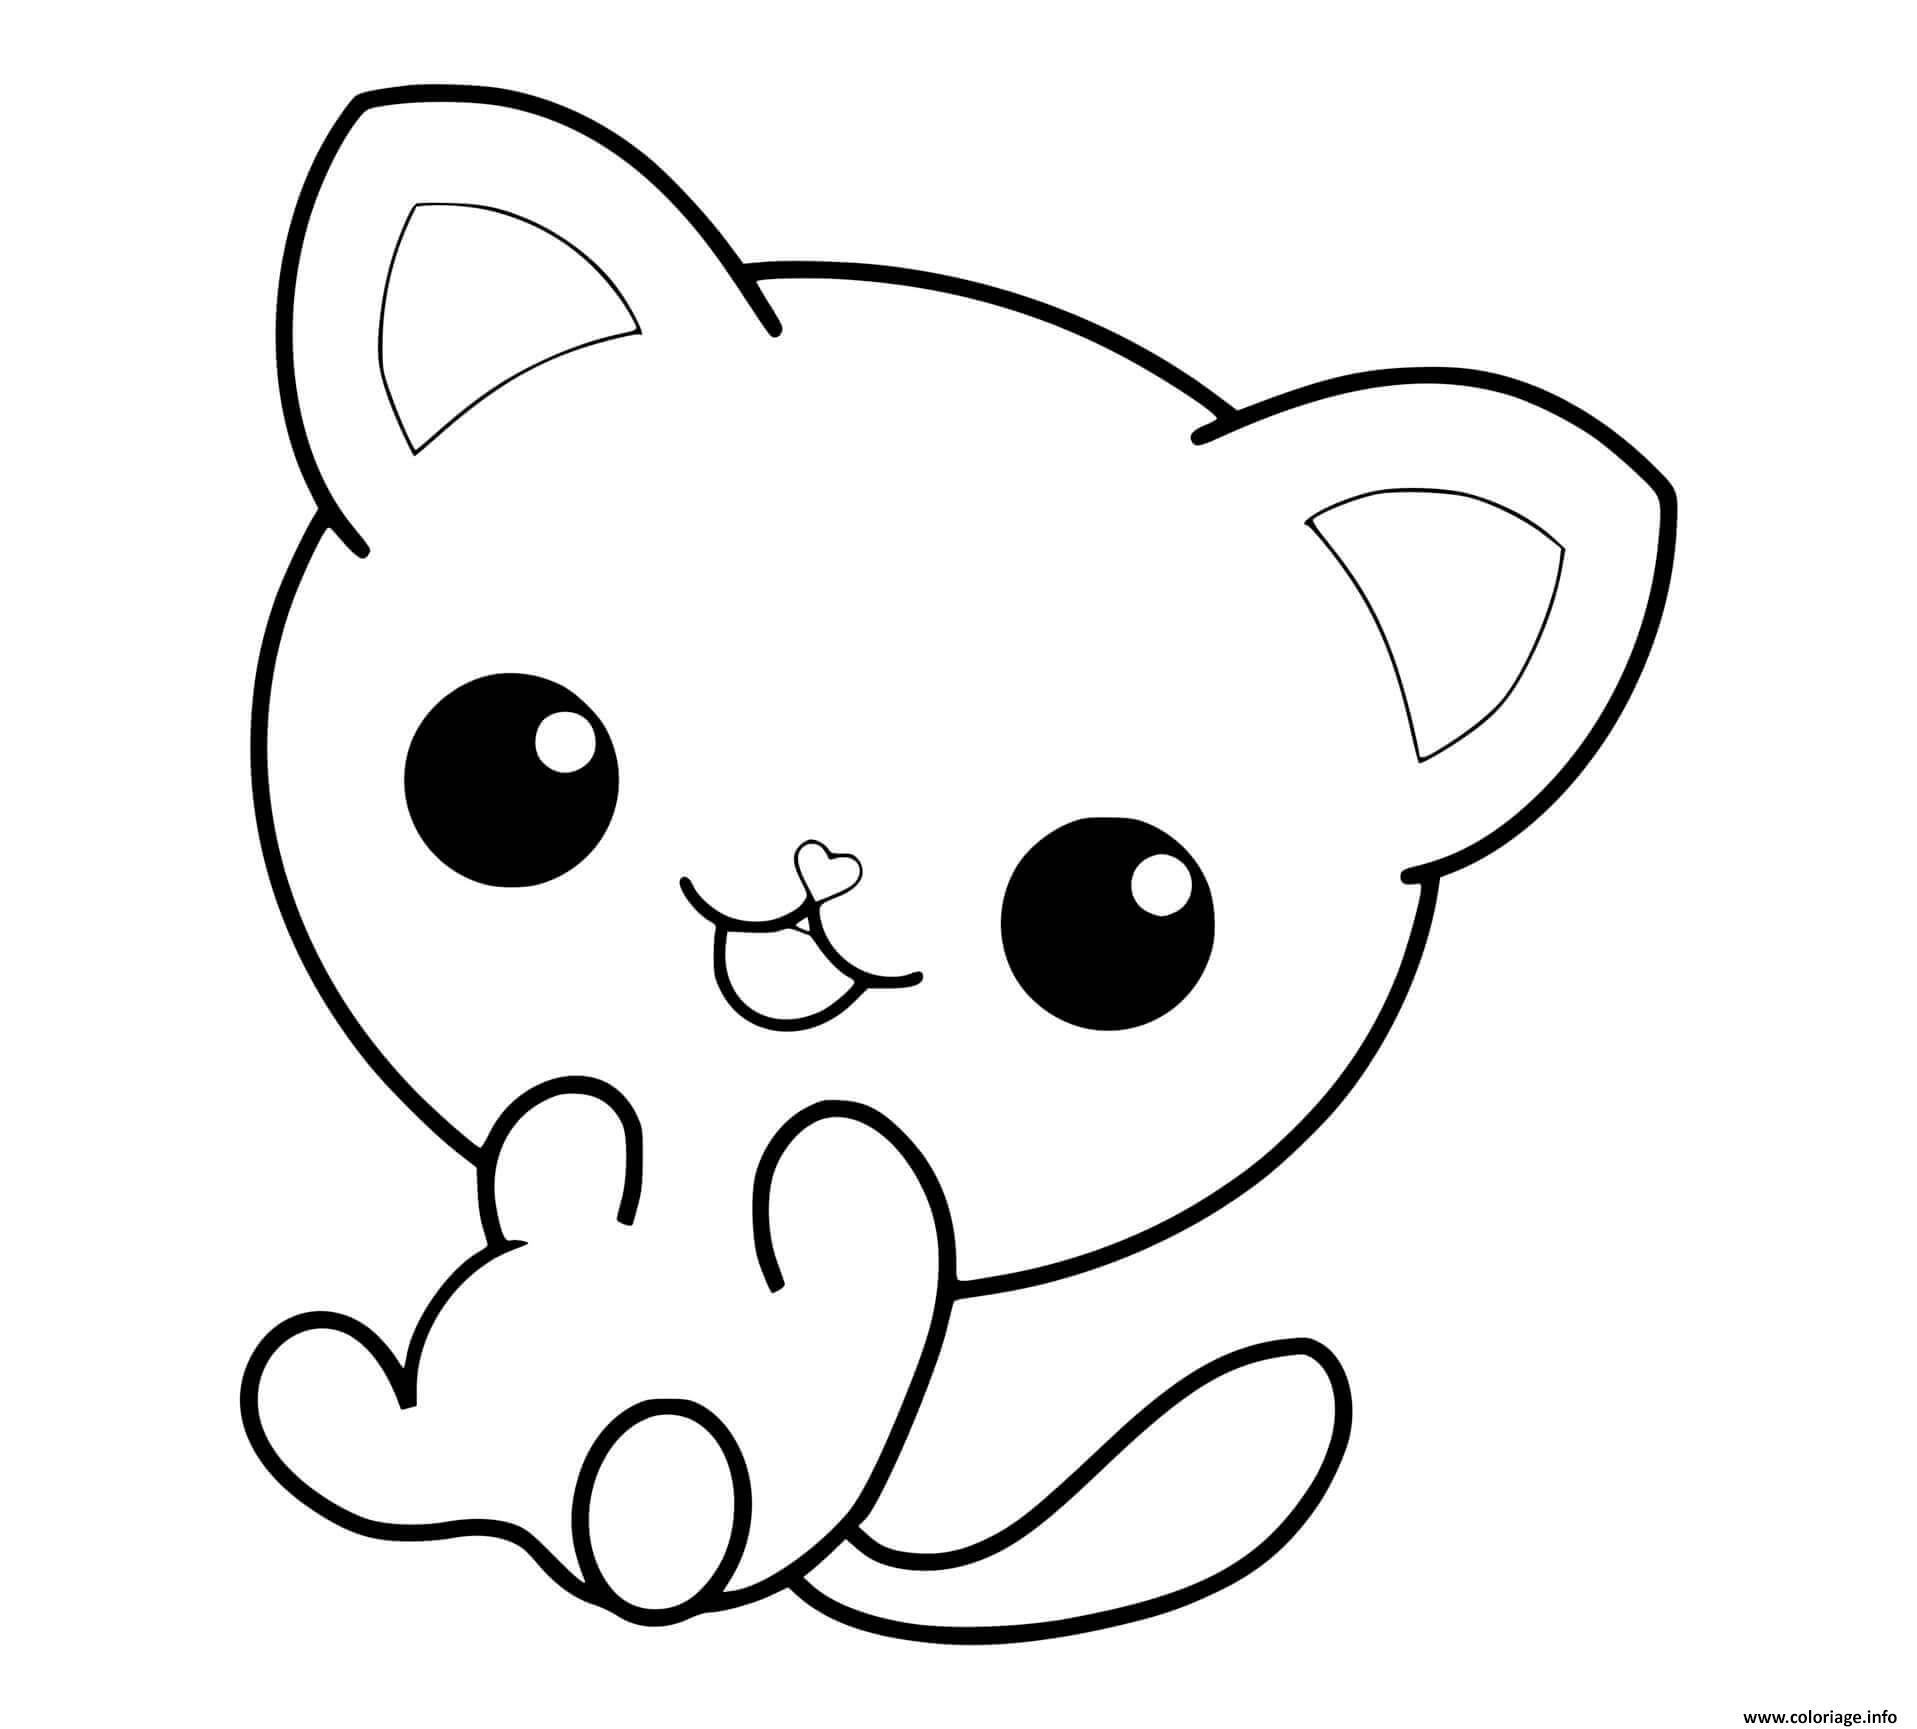 Dessin chaton mignon des yeux adorable Coloriage Gratuit à Imprimer